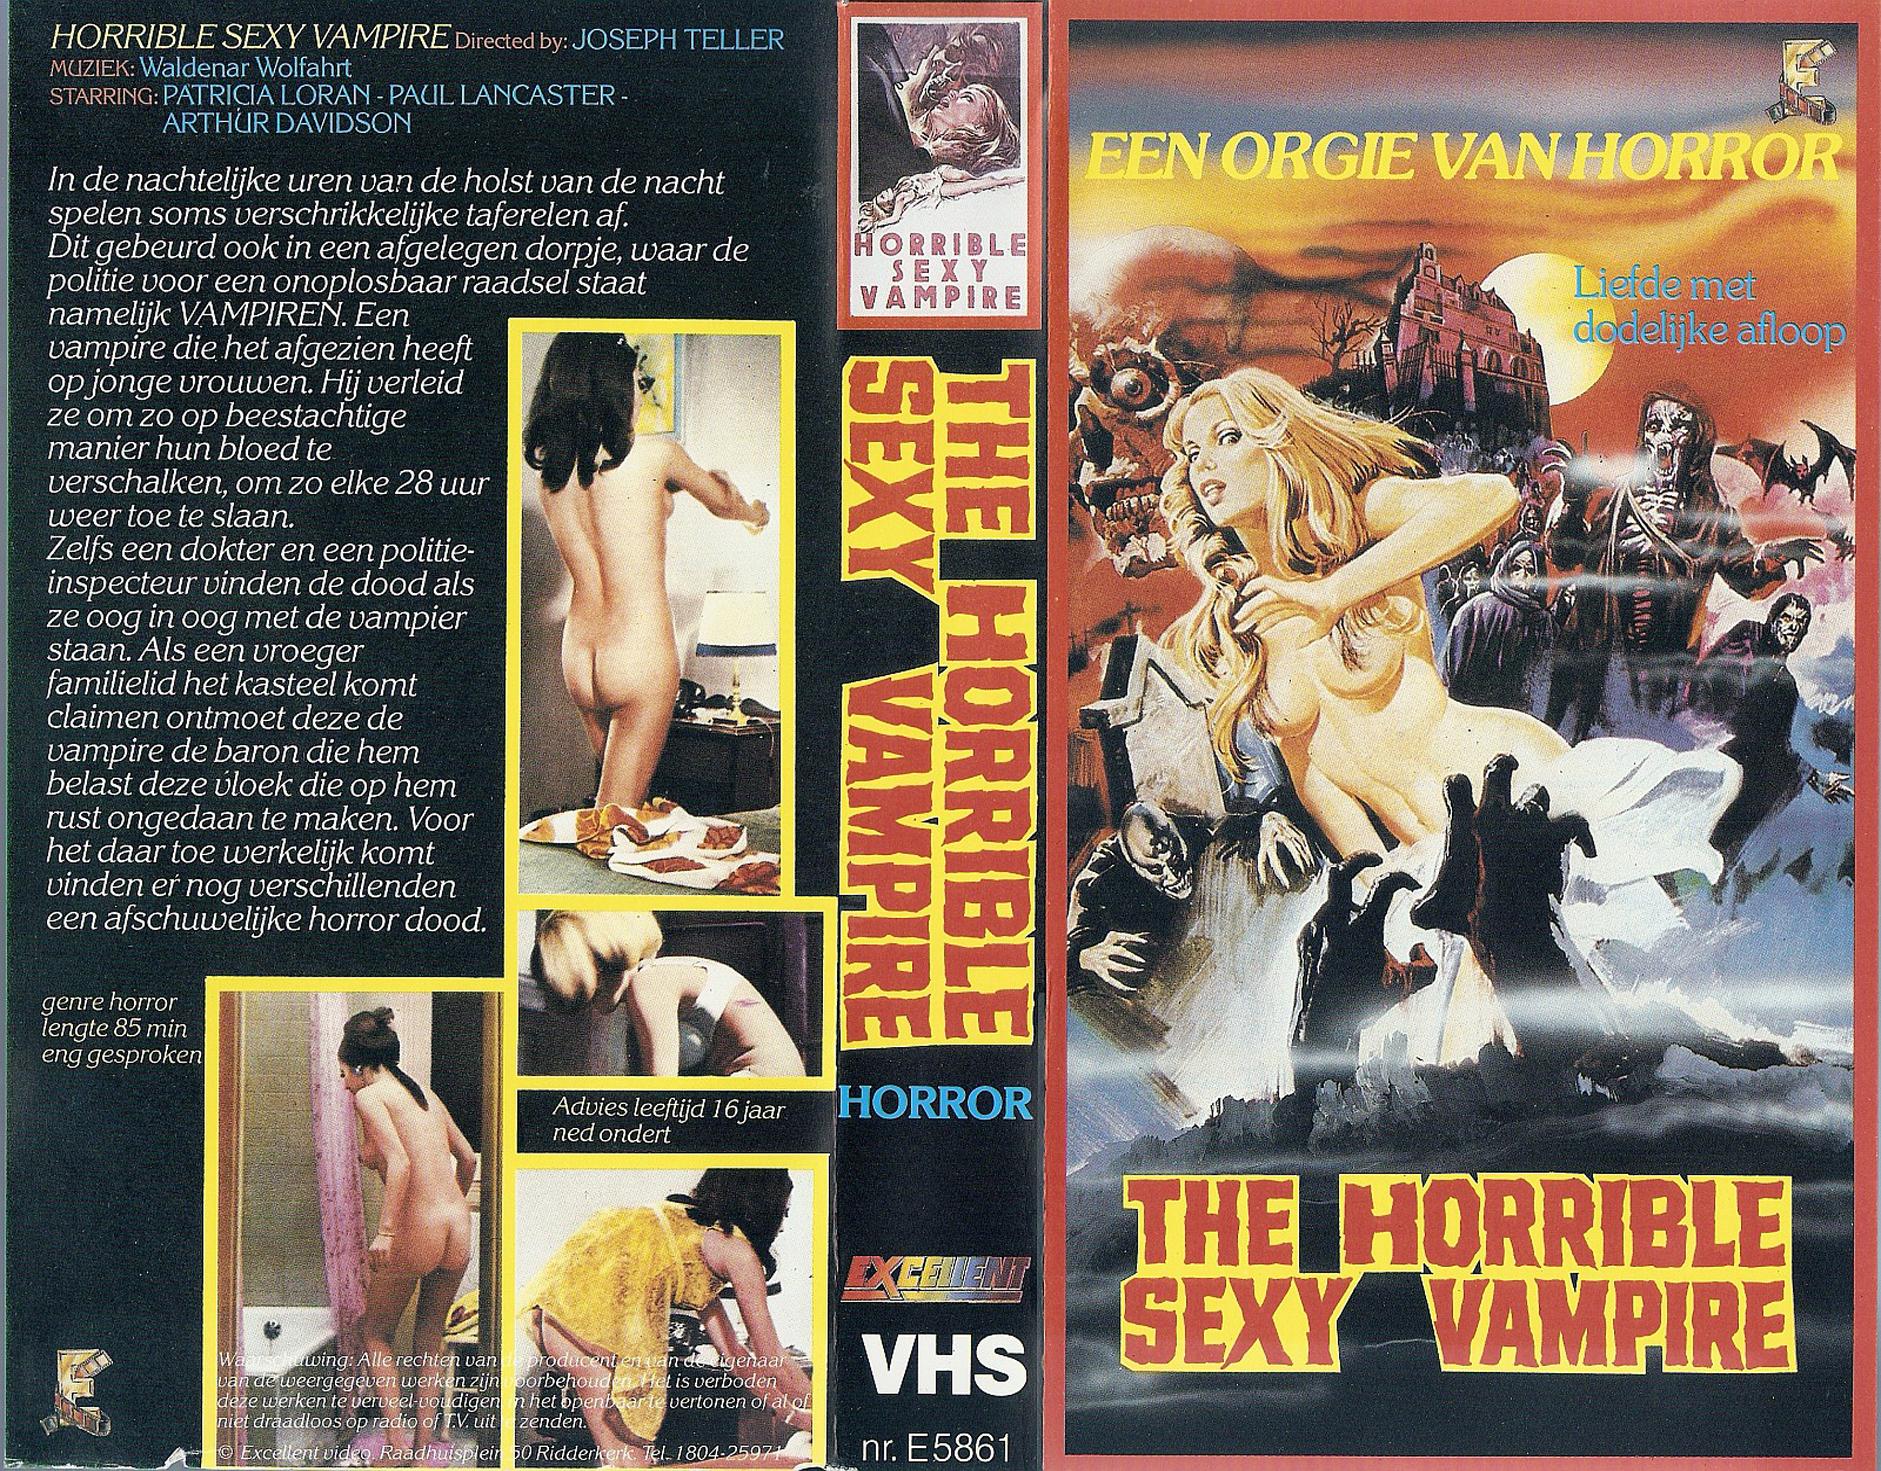 film horror erotico prodotti sexi